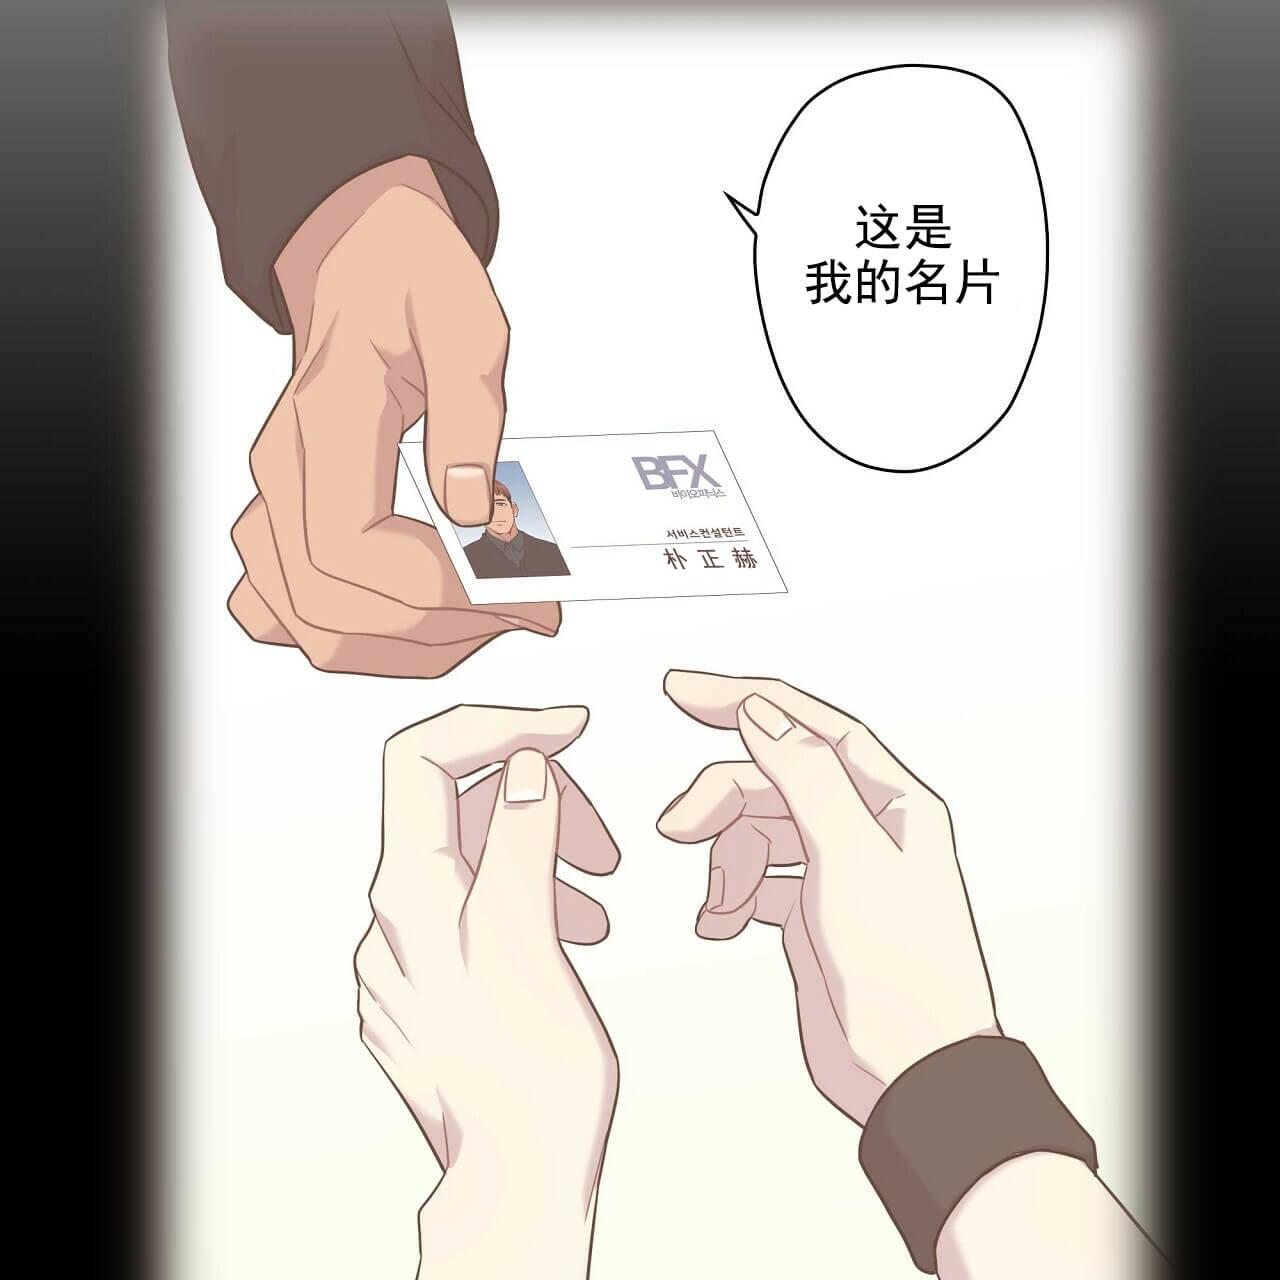 韩漫 |《恋爱杀虫剂》一场由杀虫剂开启的恋爱罗曼史~  第5张